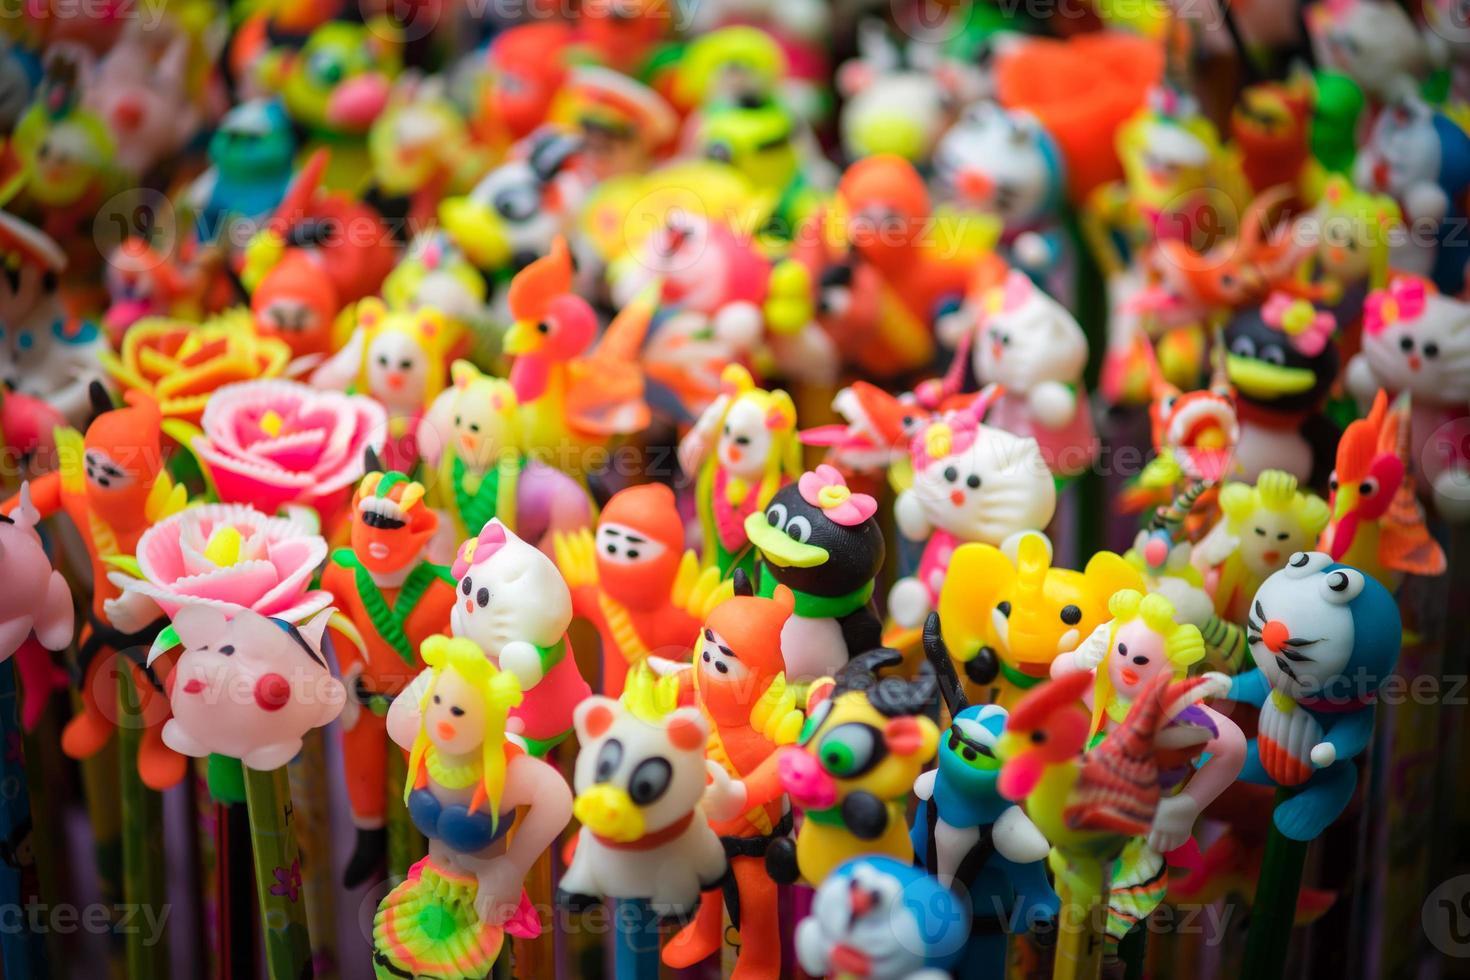 décorations de couleurs traditionnelles à la mi-automne festival d'asie photo